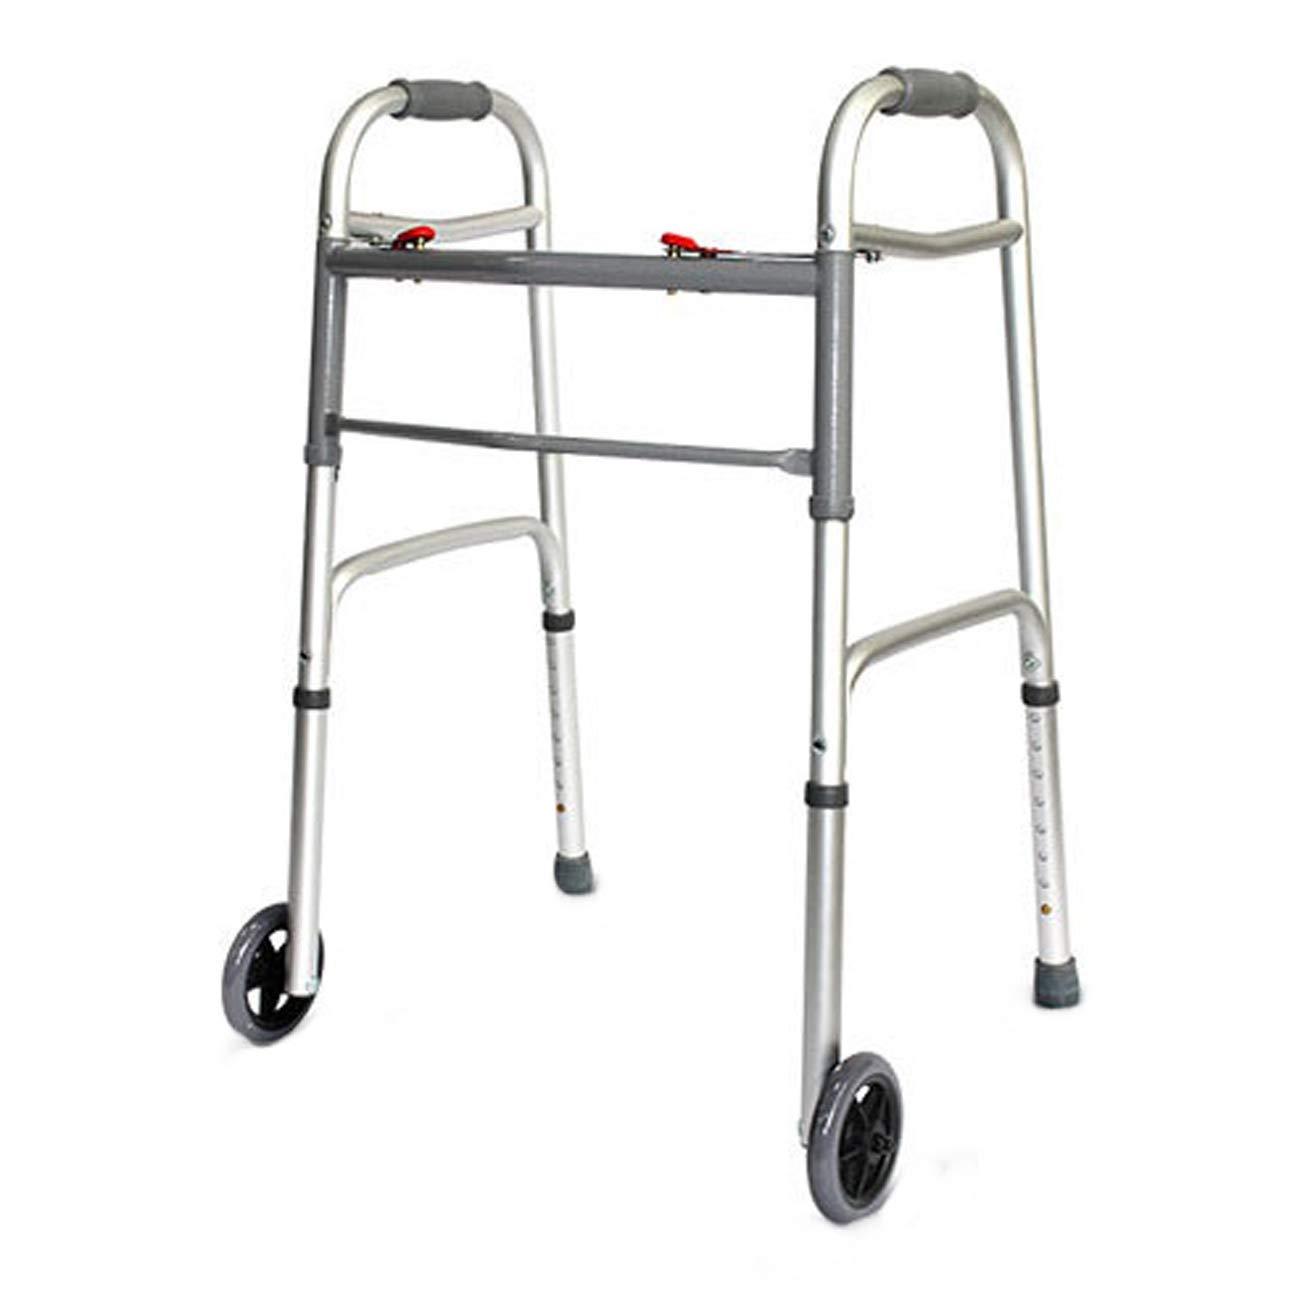 高齢歩行者、折り畳みアルミ構造歩行歩行器、四脚/二輪補助歩行器、マルチスタイルオプション (設計 : B) B  B07L2K5LQP